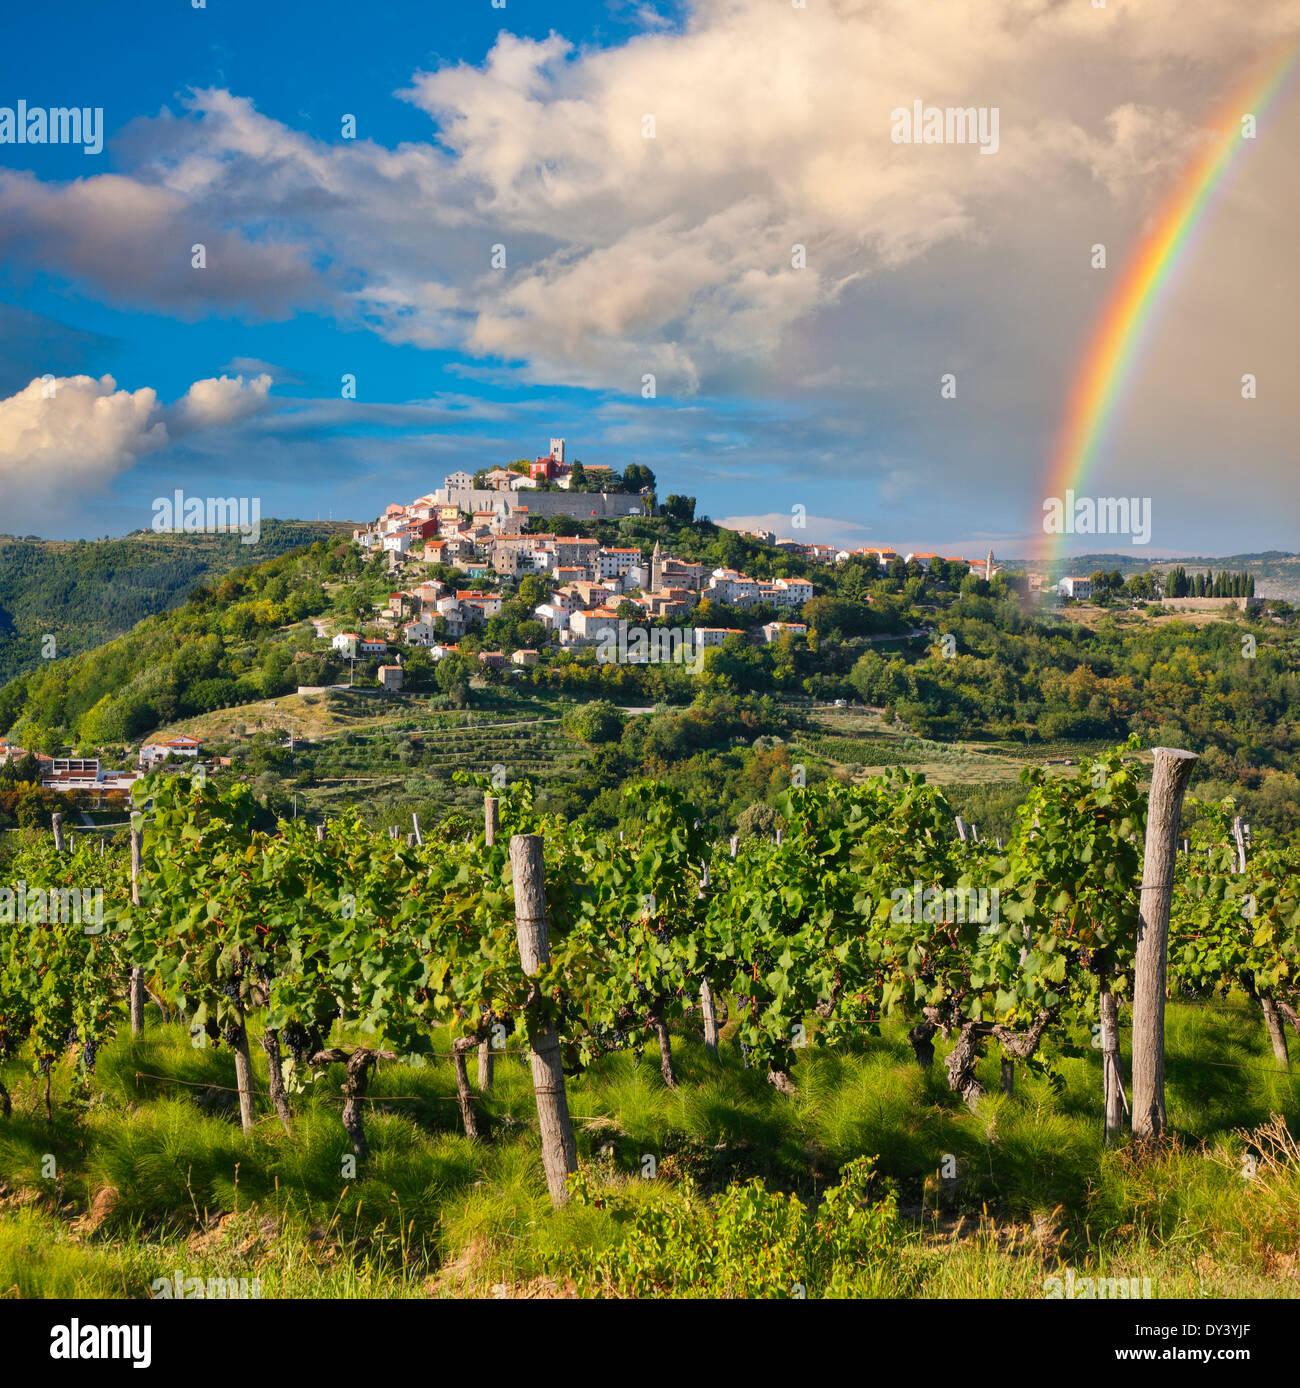 Motovun sur la colline après la pluie avec arc-en-ciel sur le ciel, Croatie Banque D'Images